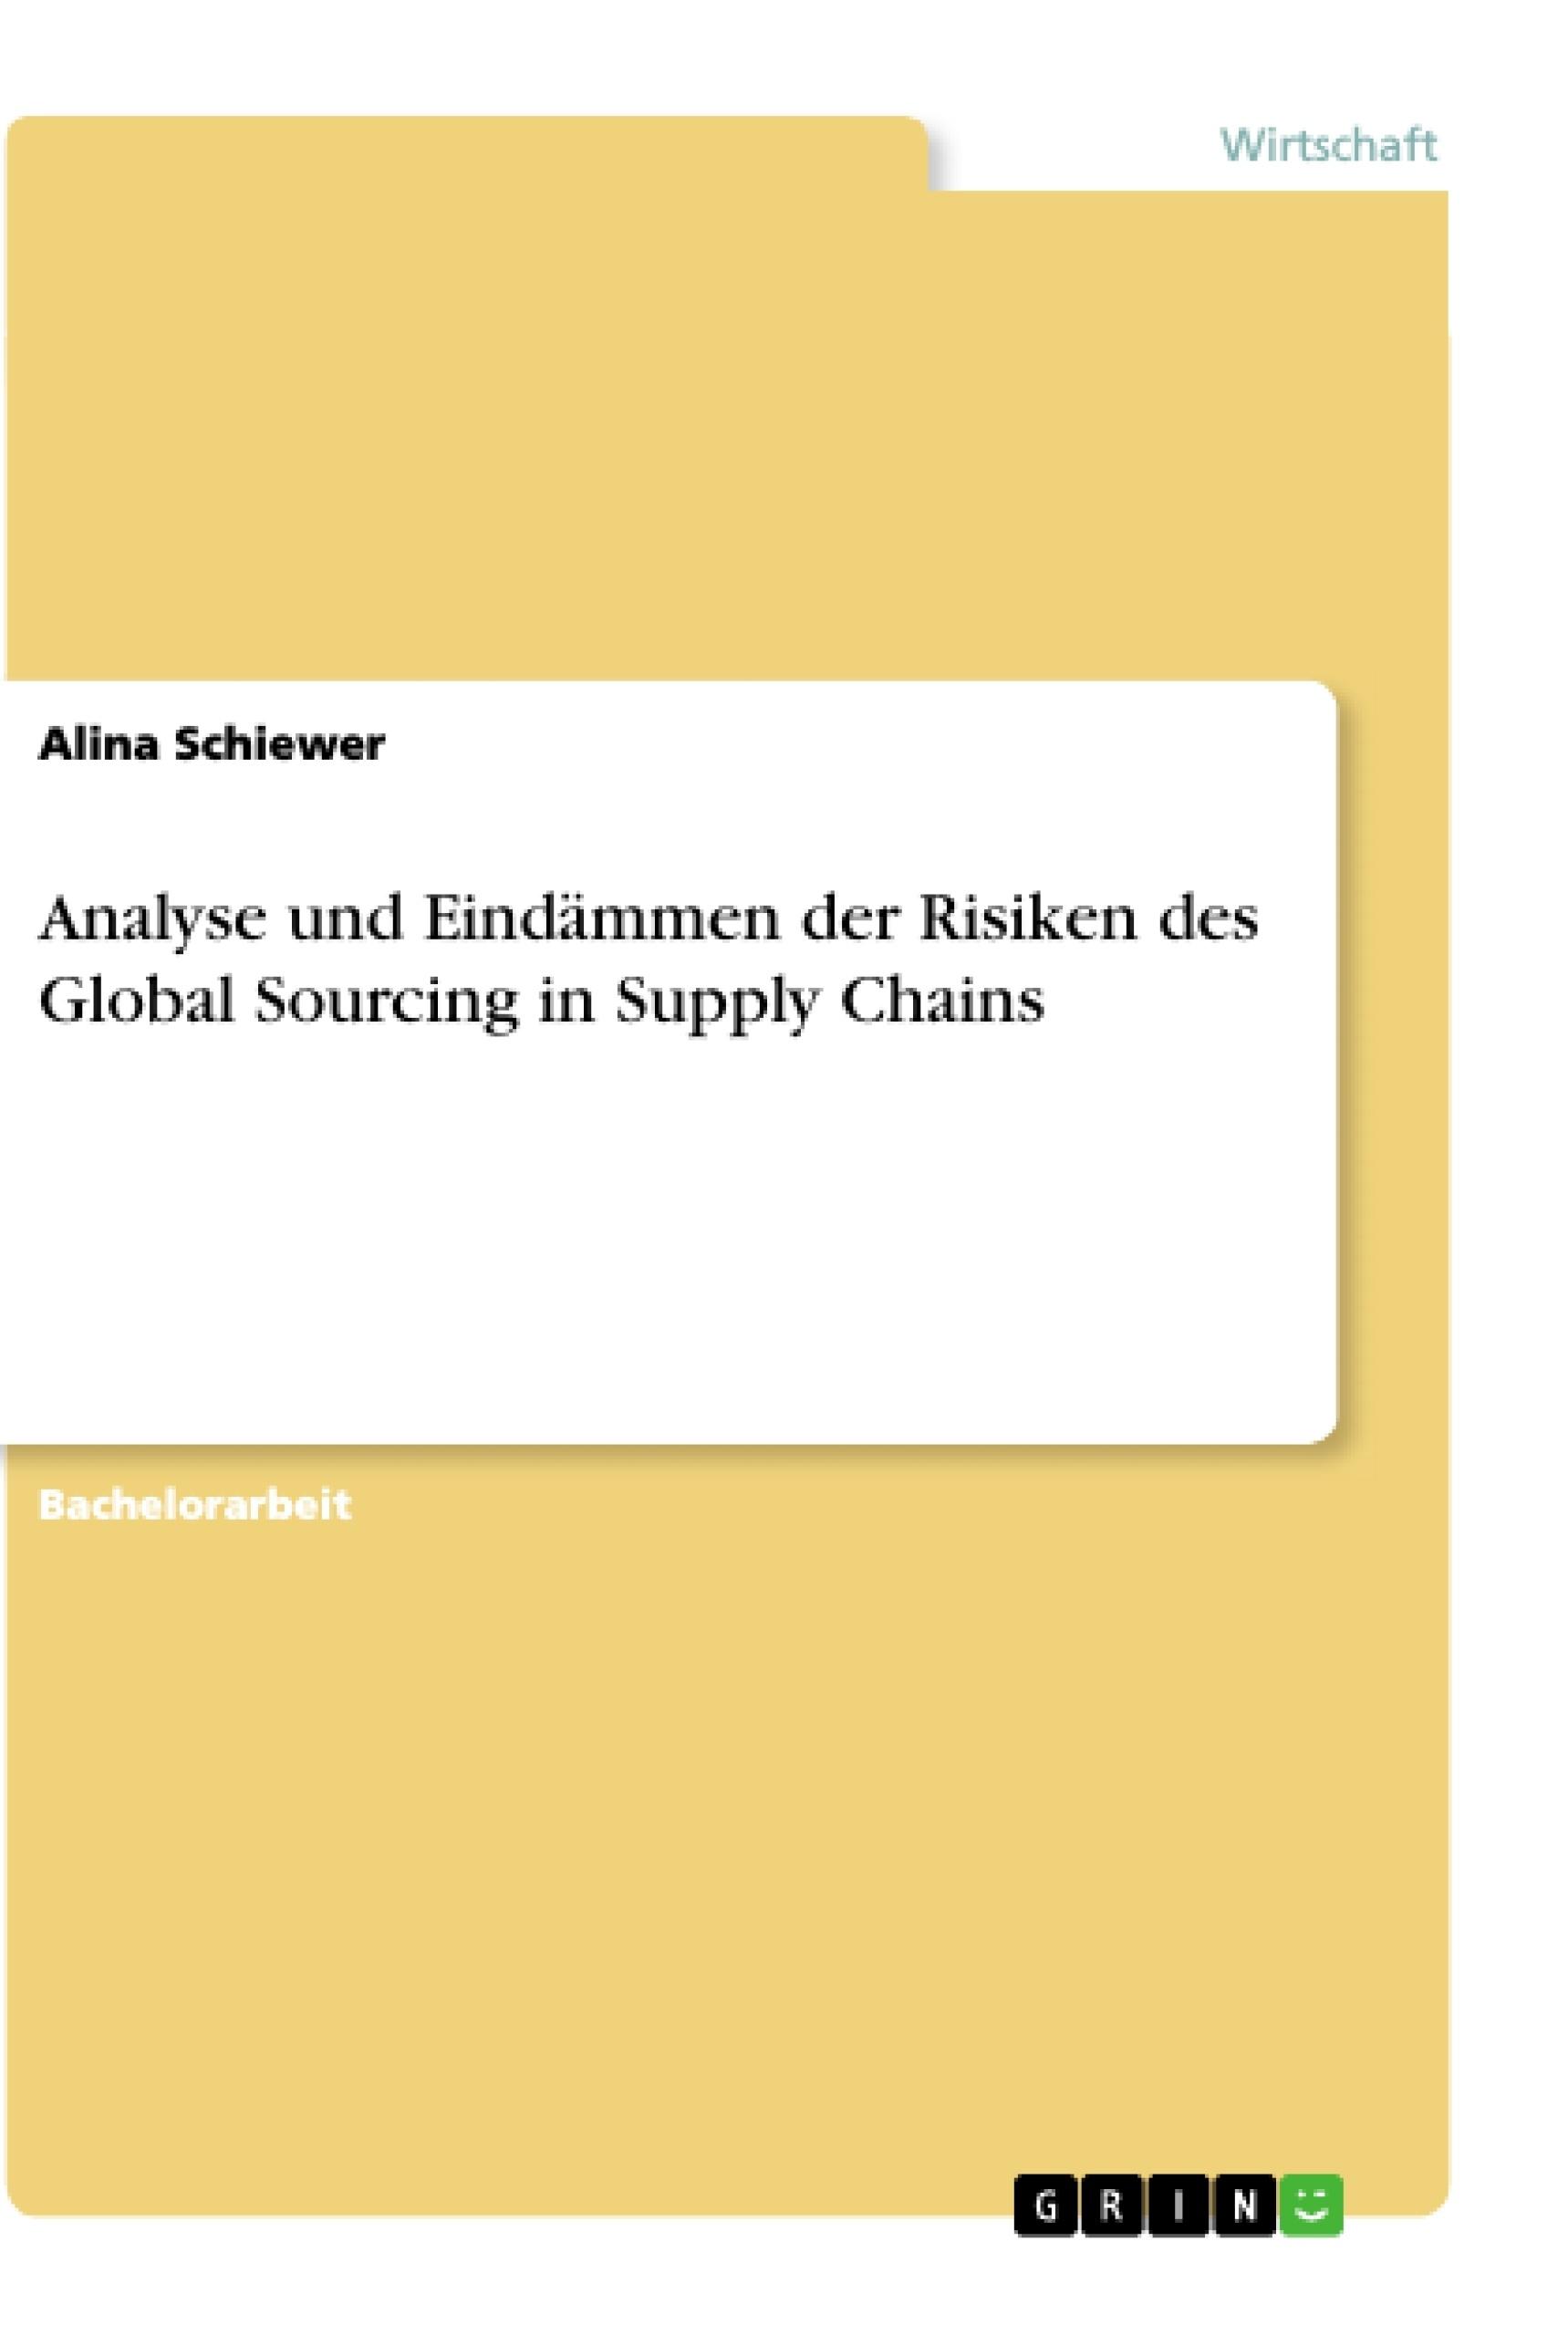 Titel: Analyse und Eindämmen der Risiken des Global Sourcing in Supply Chains